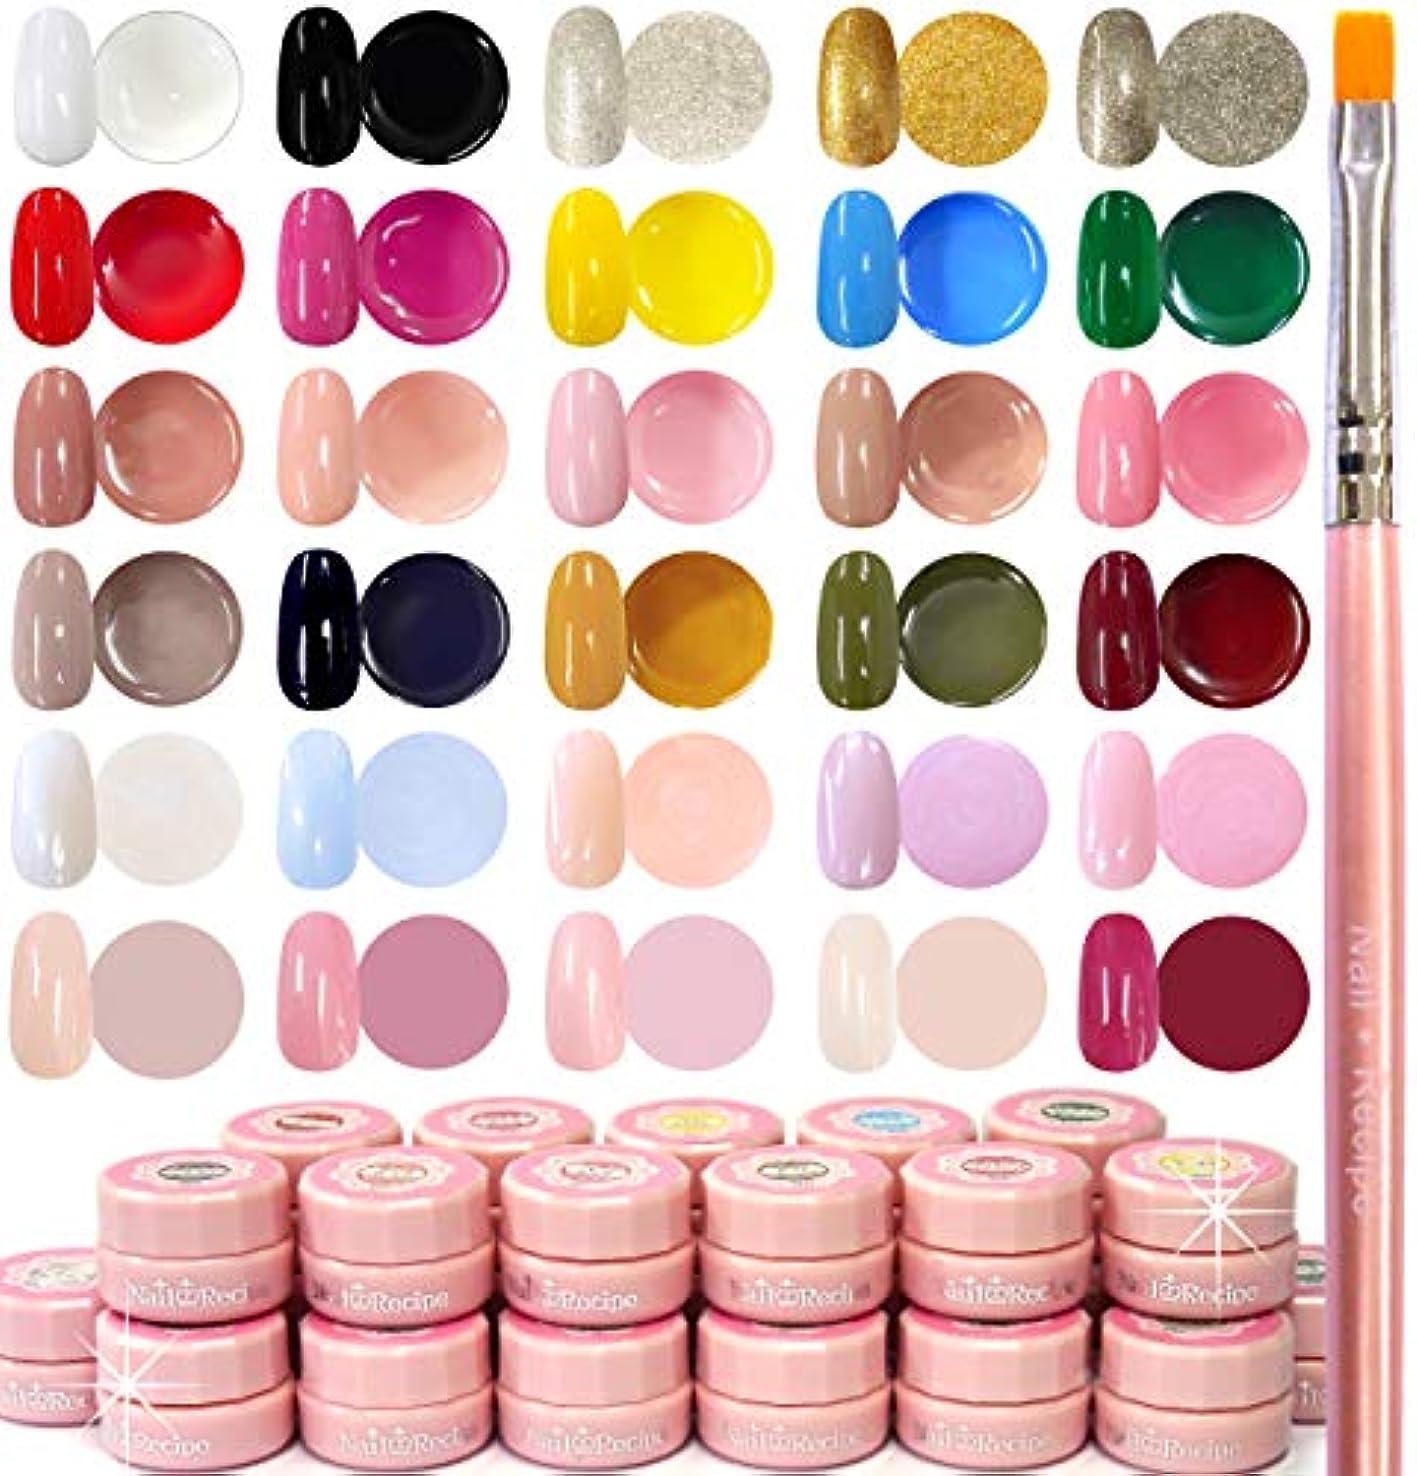 オフセット採用する気分が悪い[NailRecipe(ネイルレシピ)] ジェルネイル ジェルネイルセット カラージェル ネイル 30色セット 可愛くて発色抜群